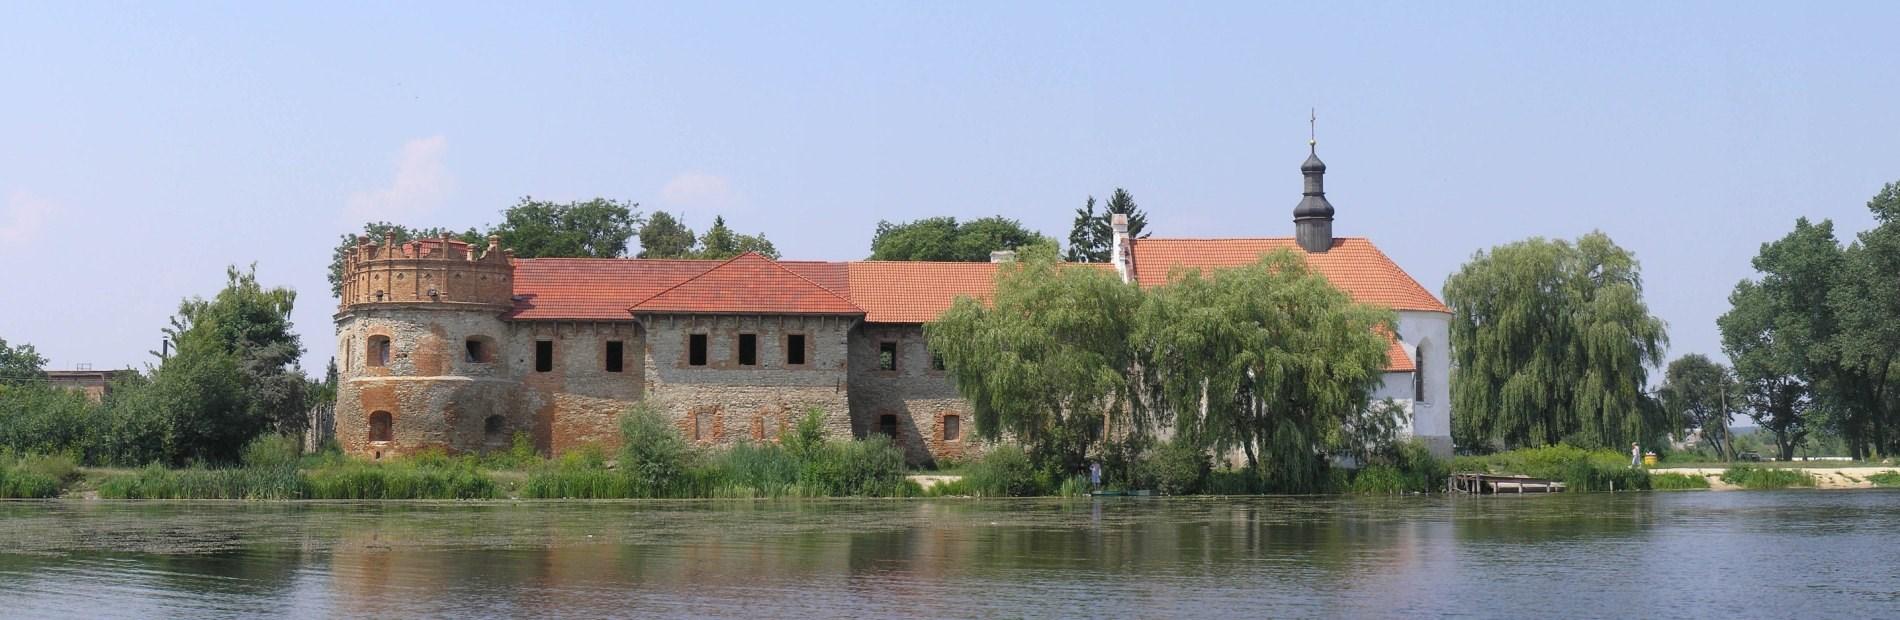 Великая Украина – обзор самых знаменитых и удивительных замков страны. Часть 3